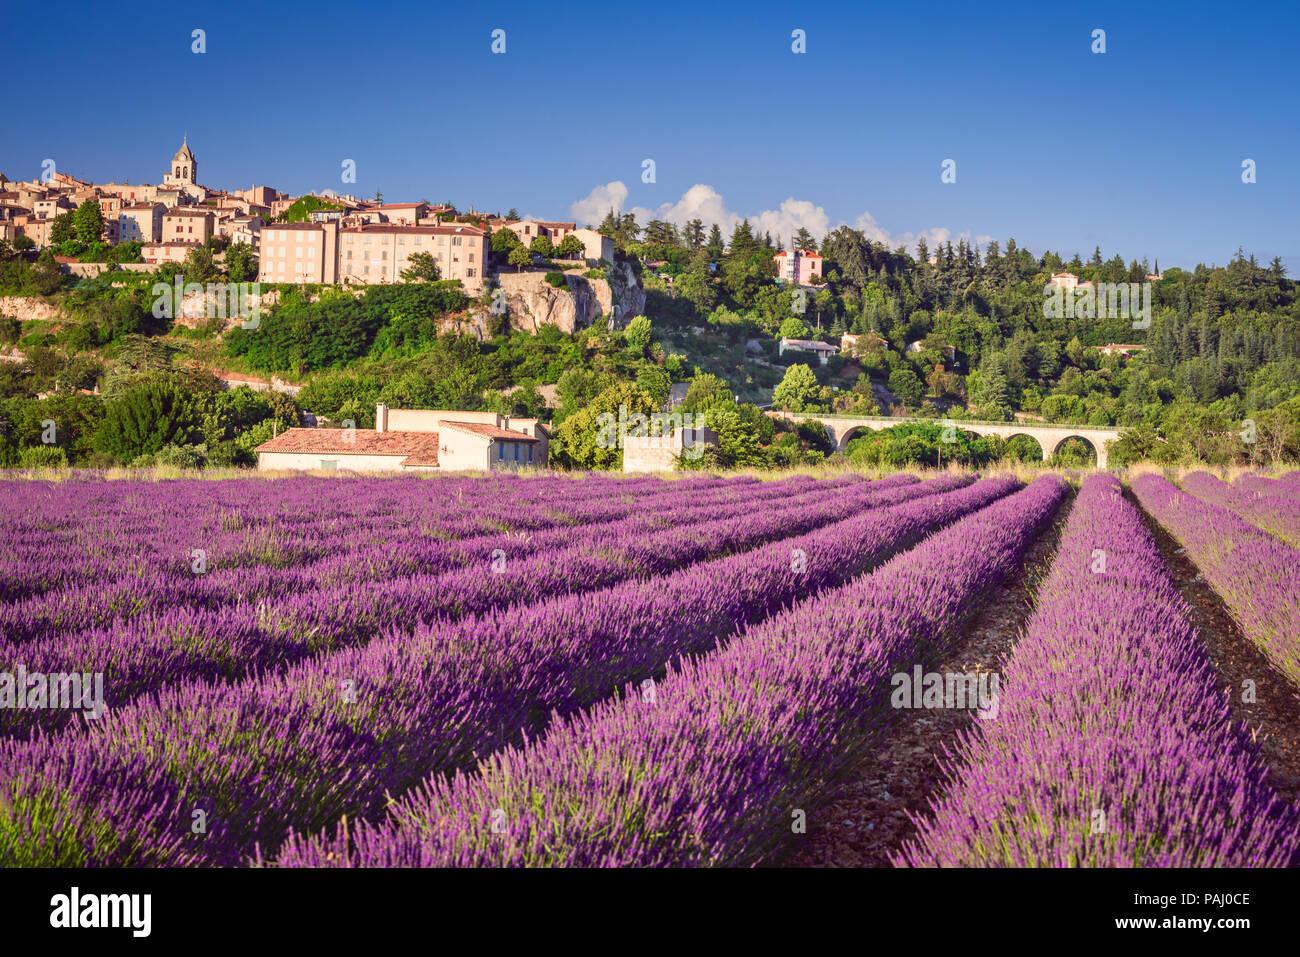 Sault, village perché en Provence avec champs de lavande, Vaucluse en France. Banque D'Images